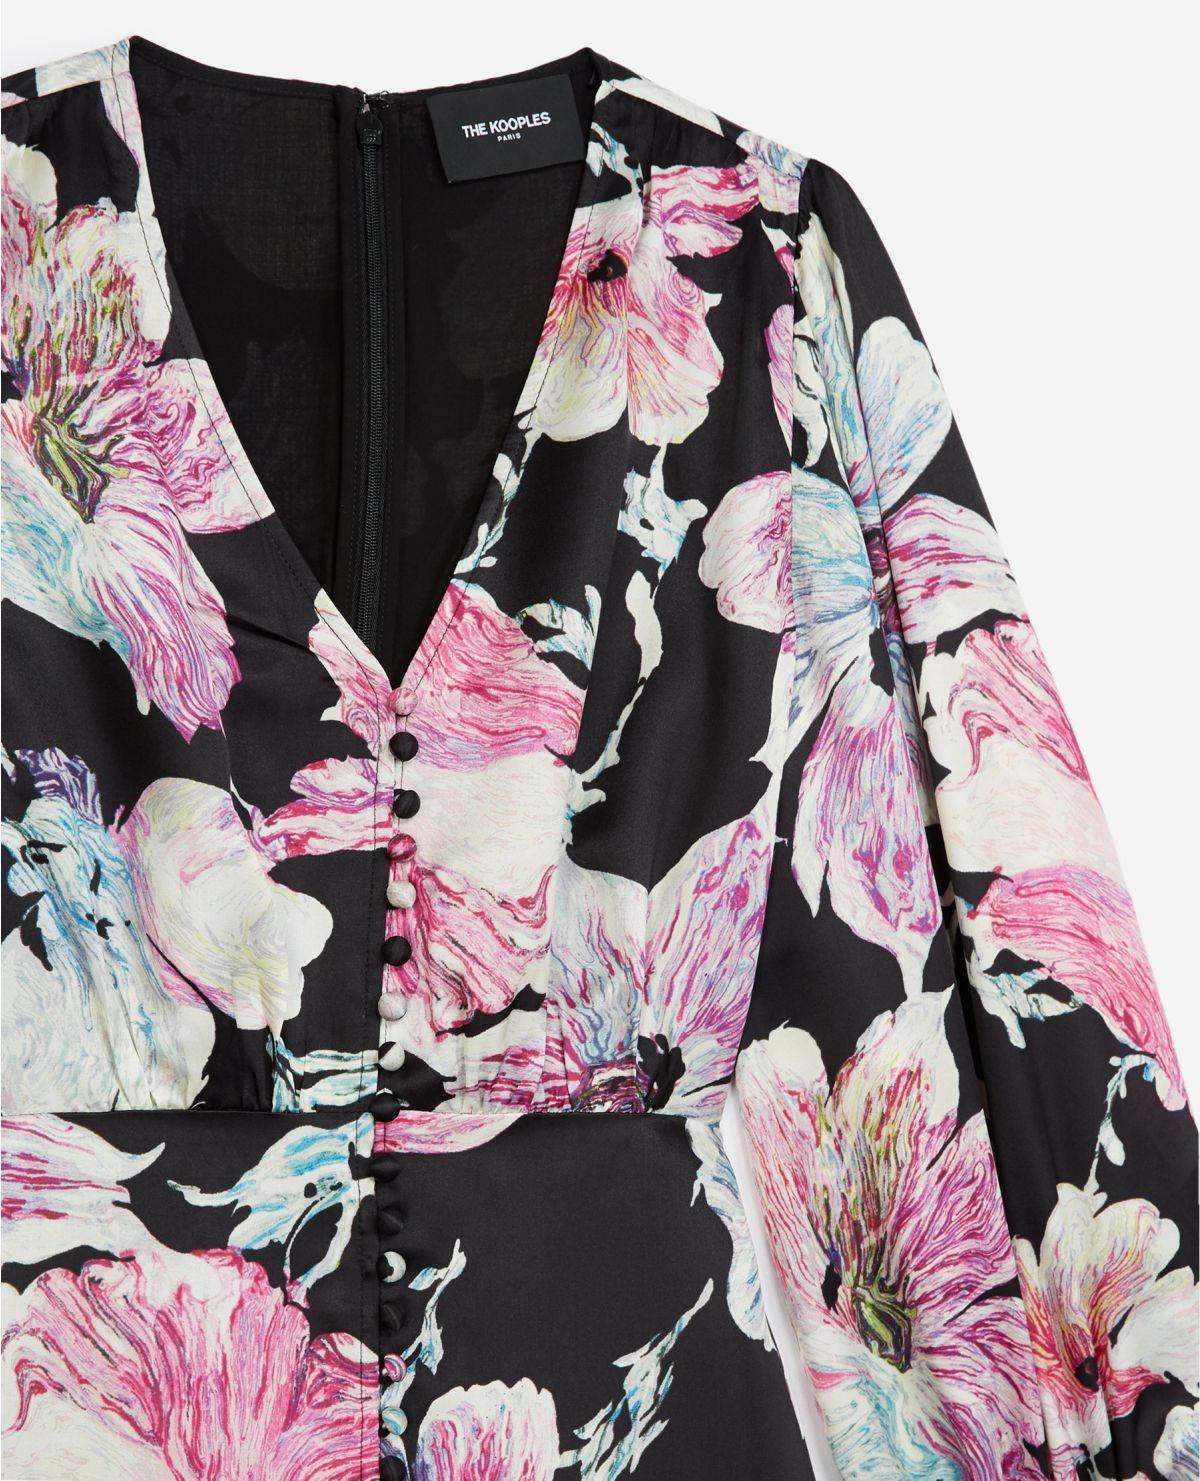 THE KOOPLES robe courte noire imprimé fleuri-3